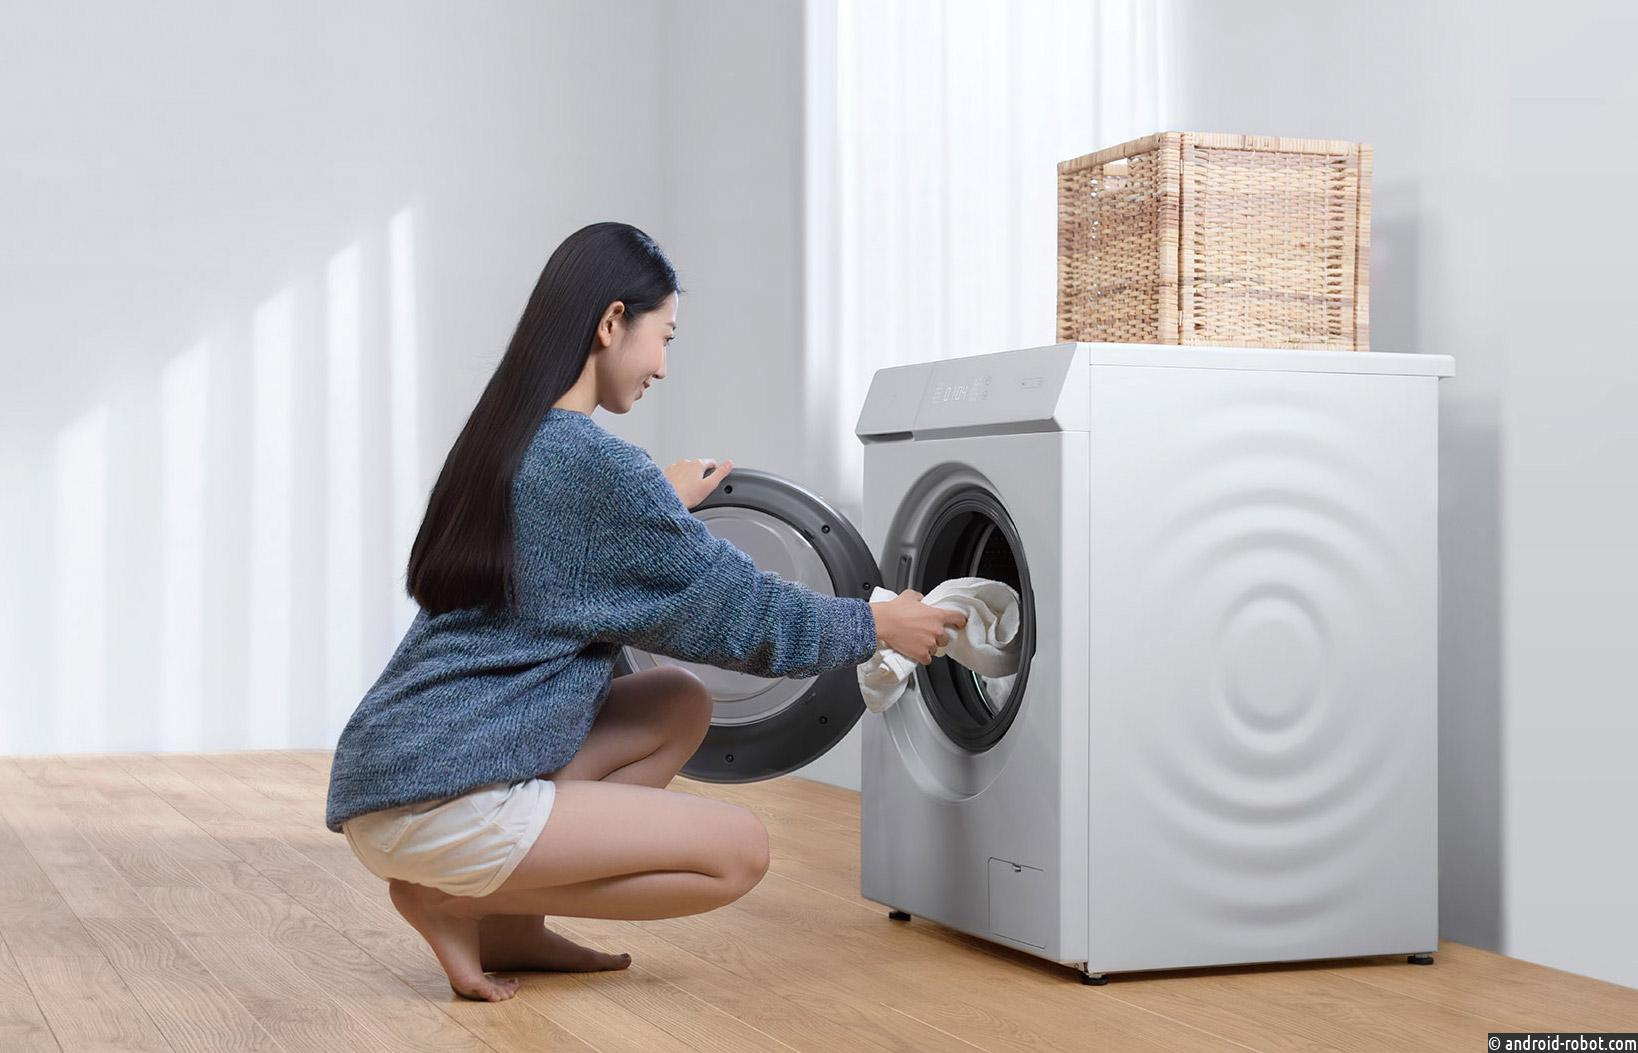 У Xiaomi теперь есть умная стиральная машина на 10 кг